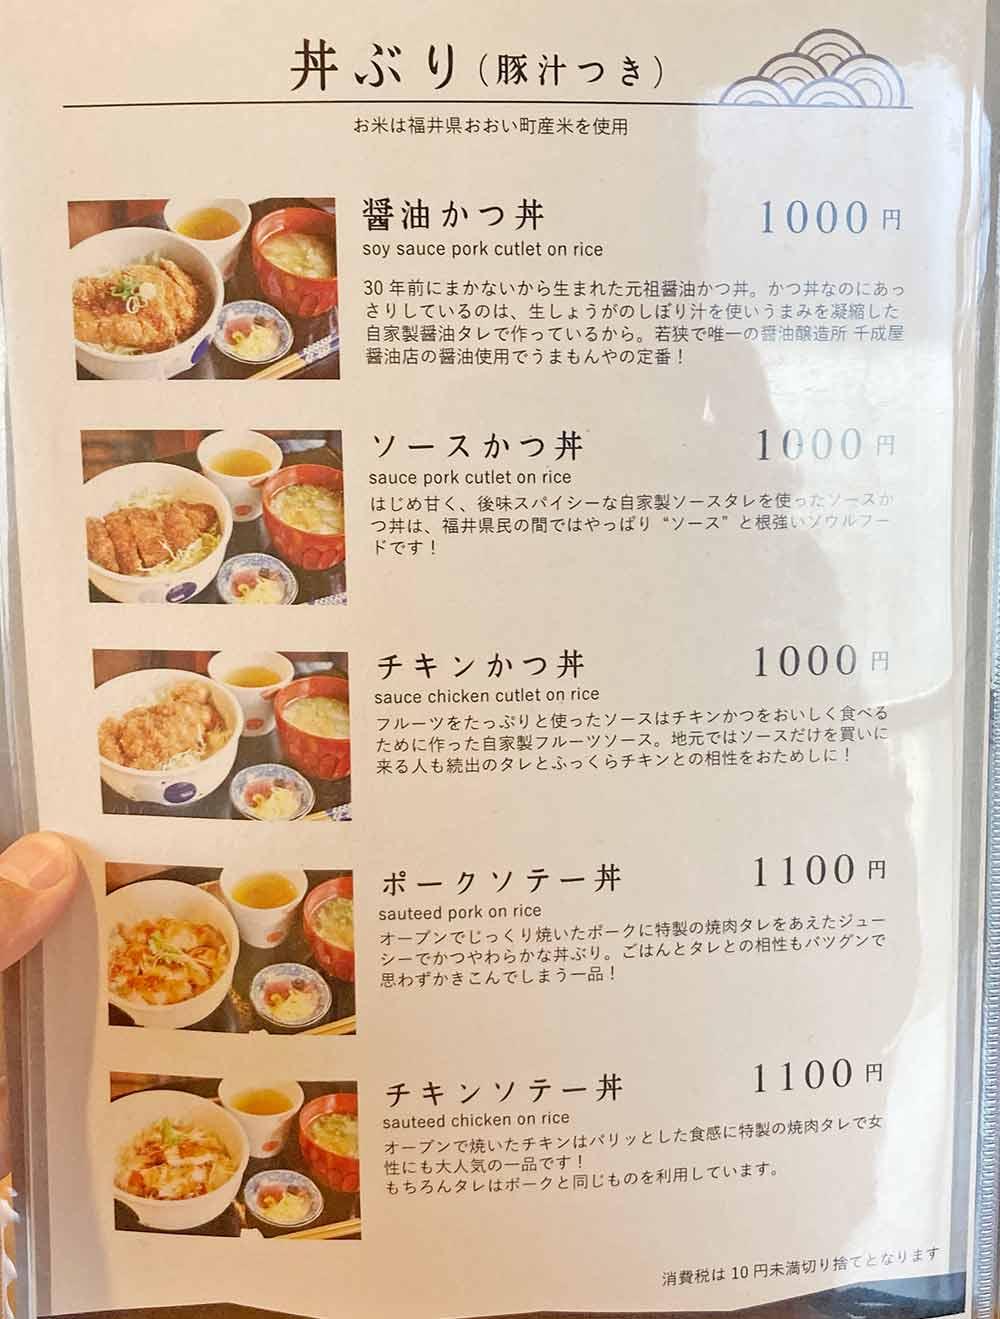 神楽坂,和食,うまもんや,福井,とんかつ,豚汁,若狭,メニュー